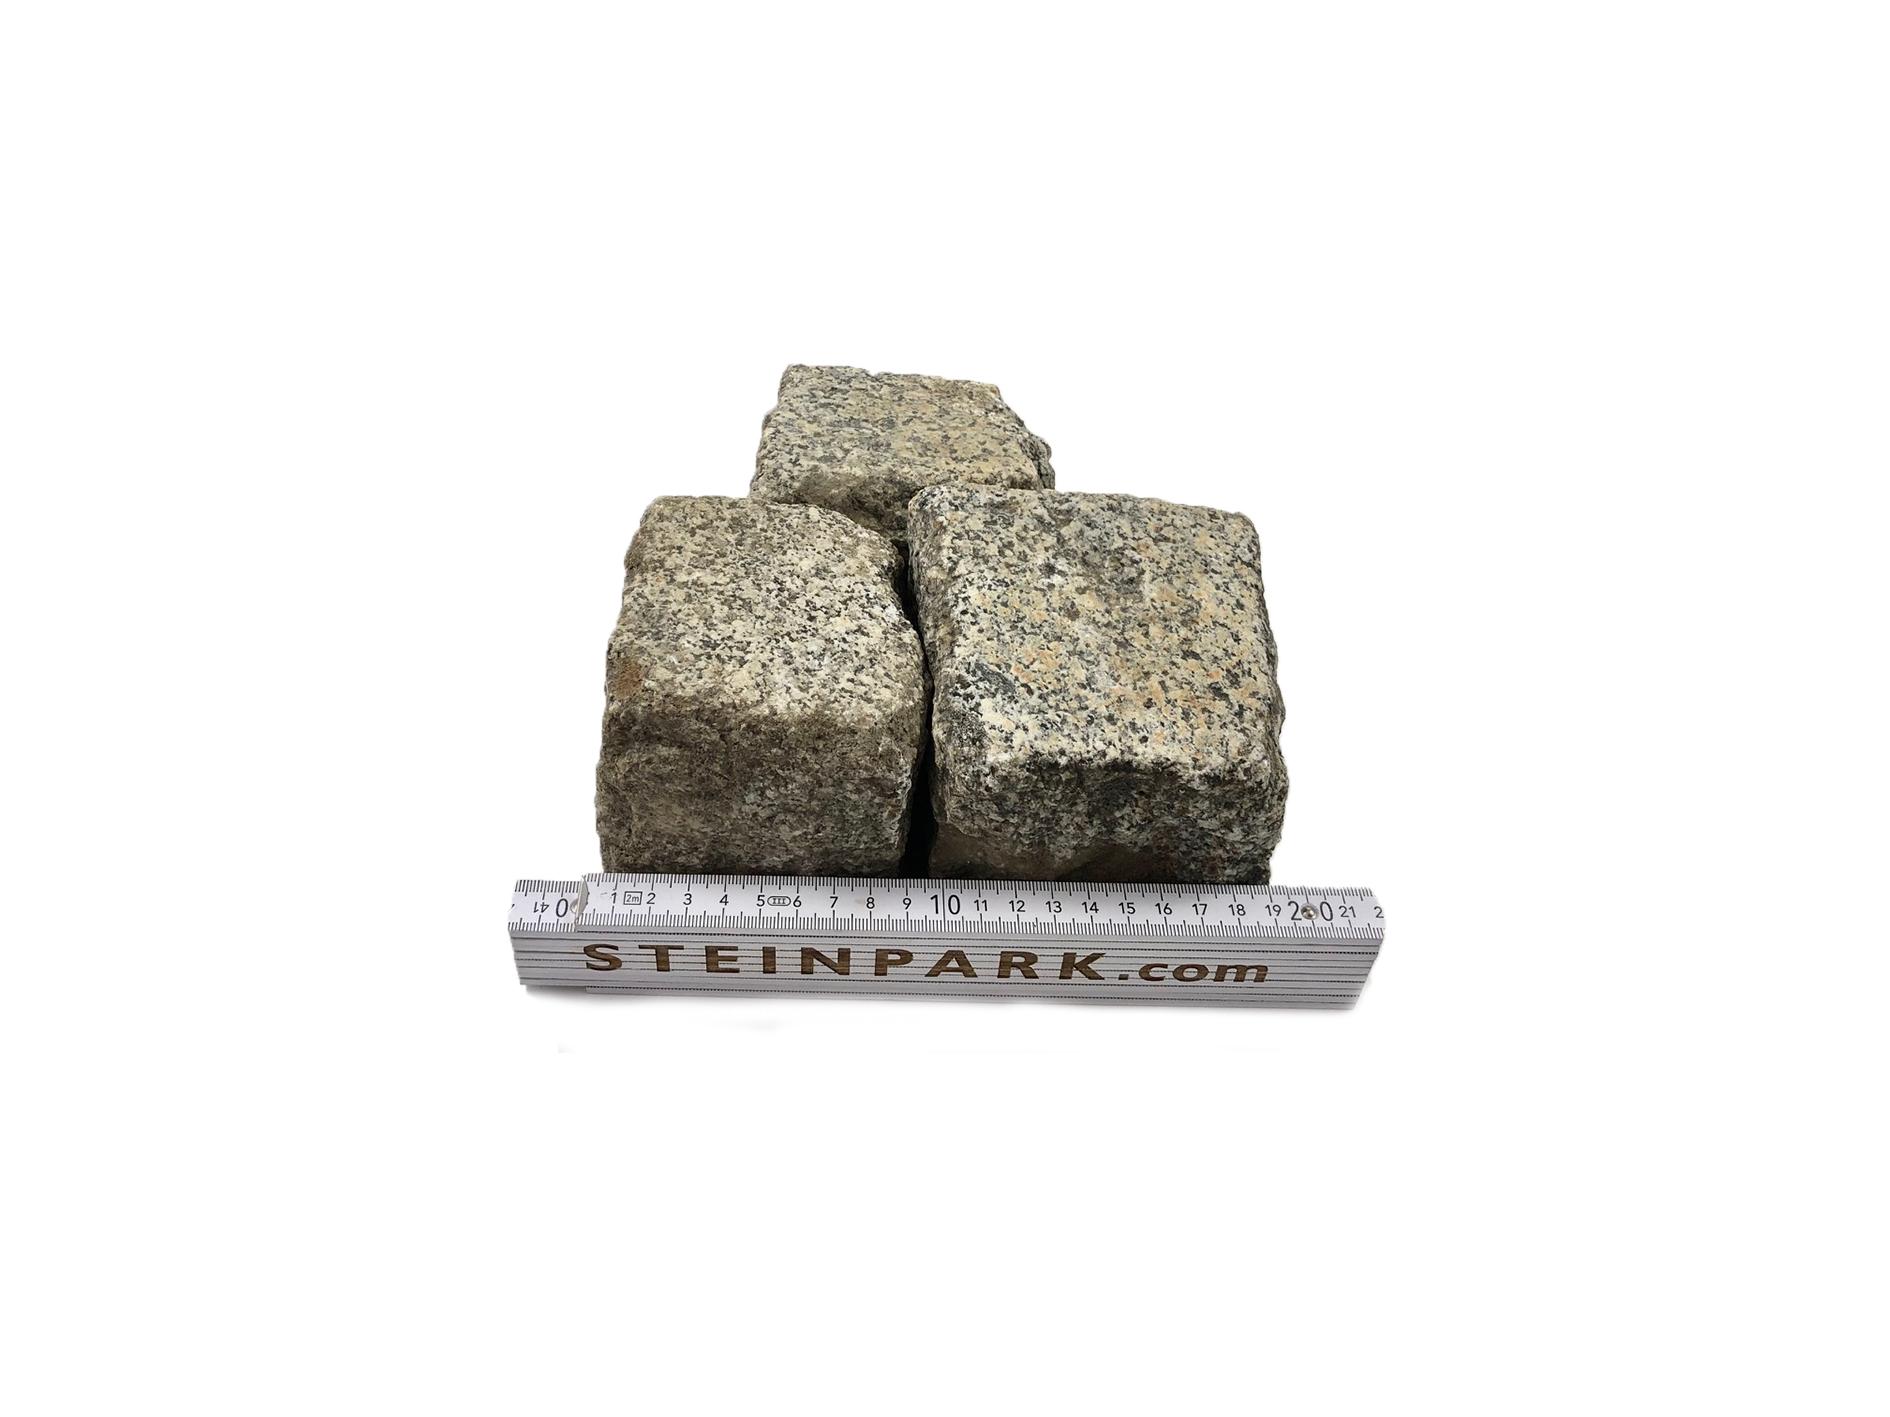 gebrauchtes-granit-kleinpflater-glatte-of-gespalten